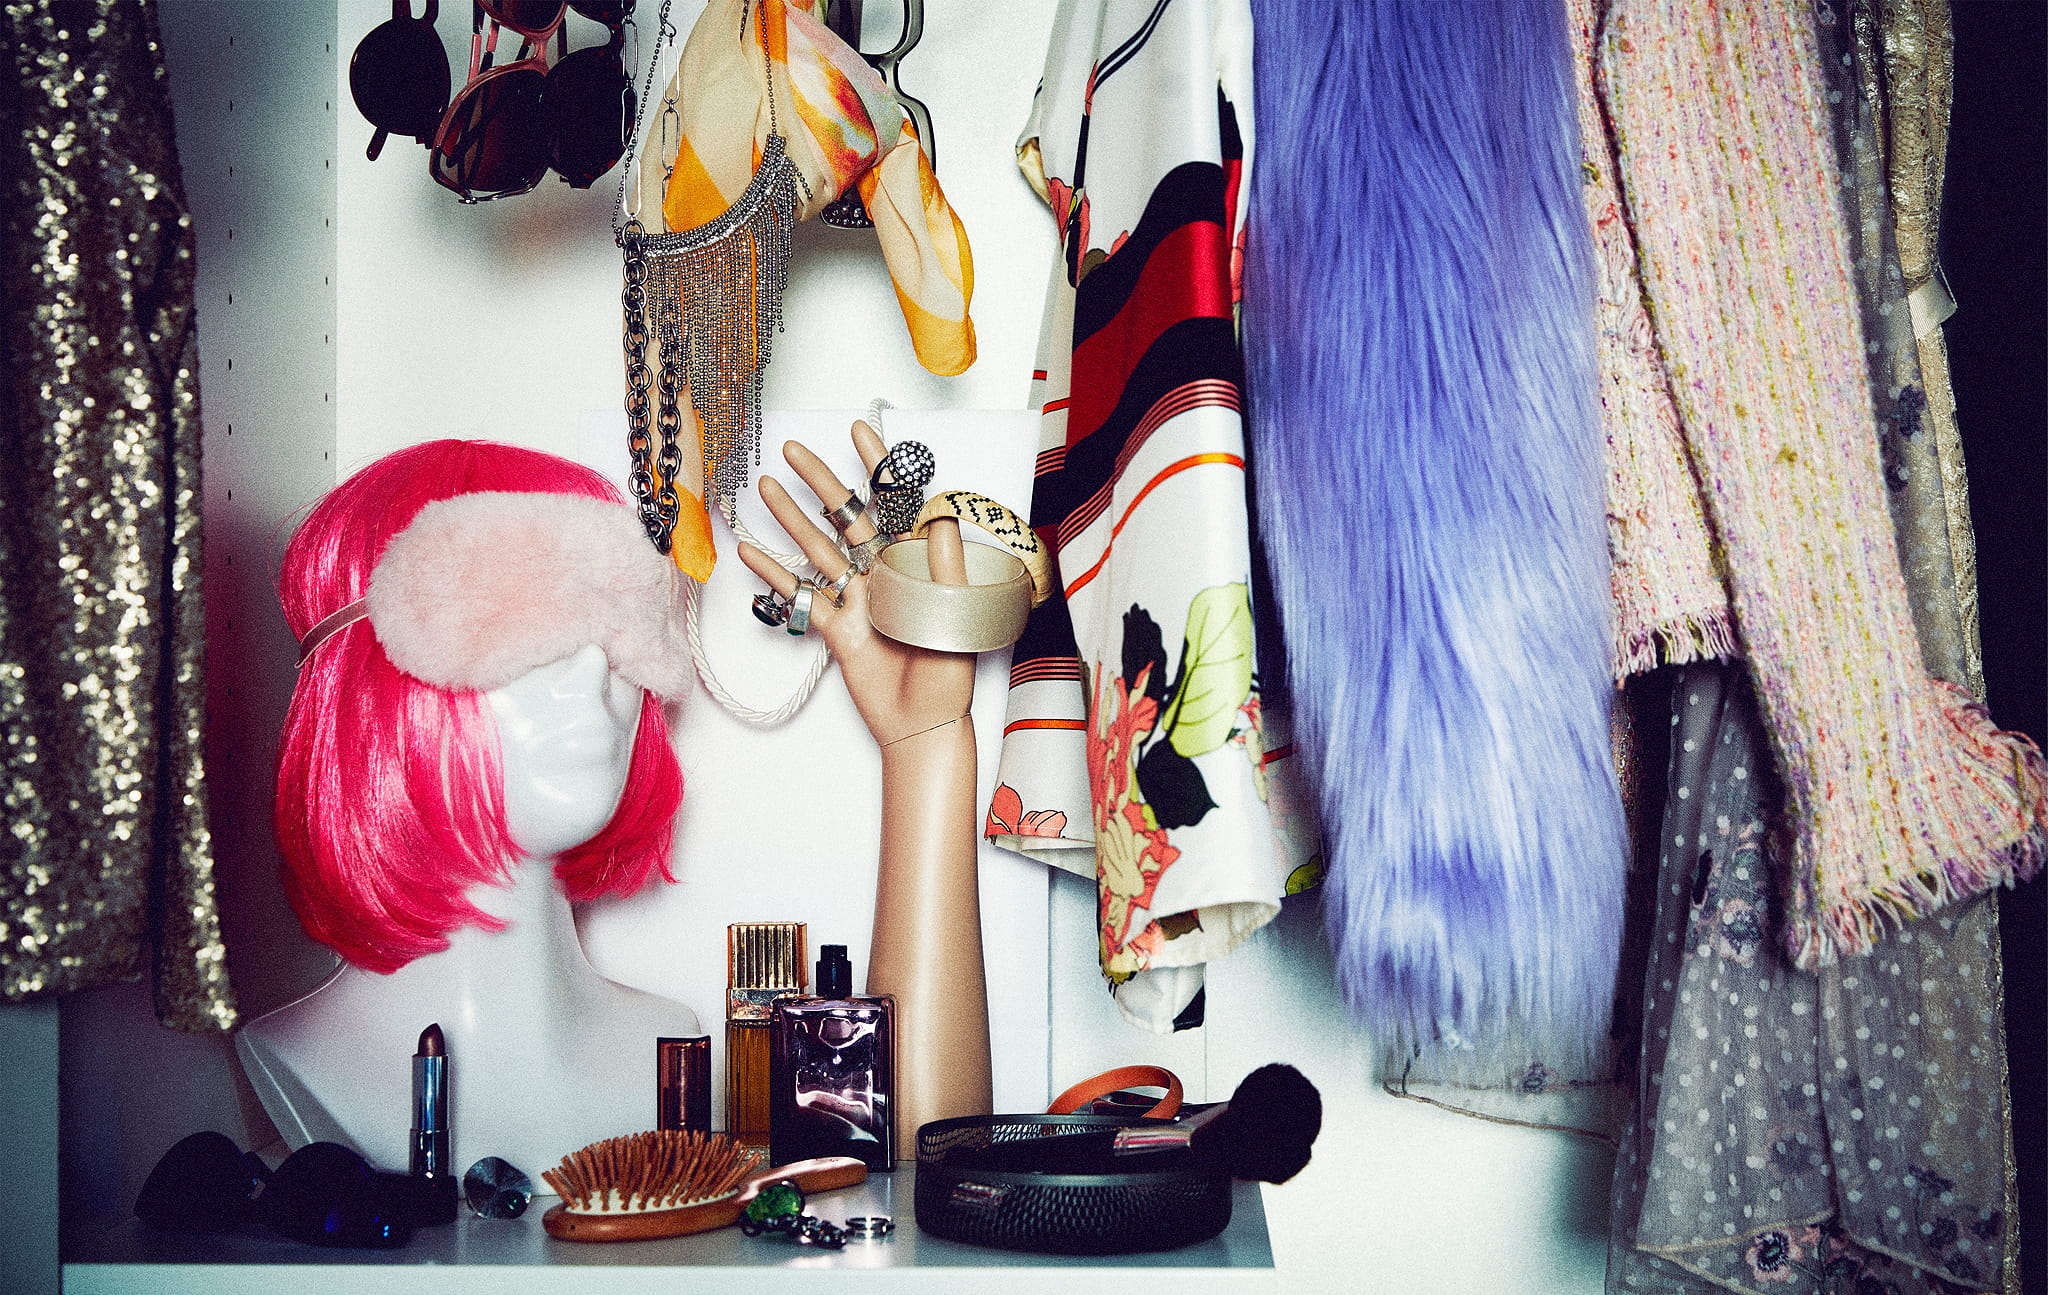 Bagian lemari yang berisi pakaian dan aksesoris pesta; patung dengan wig warna neon, maneken tangan dengan cincin.